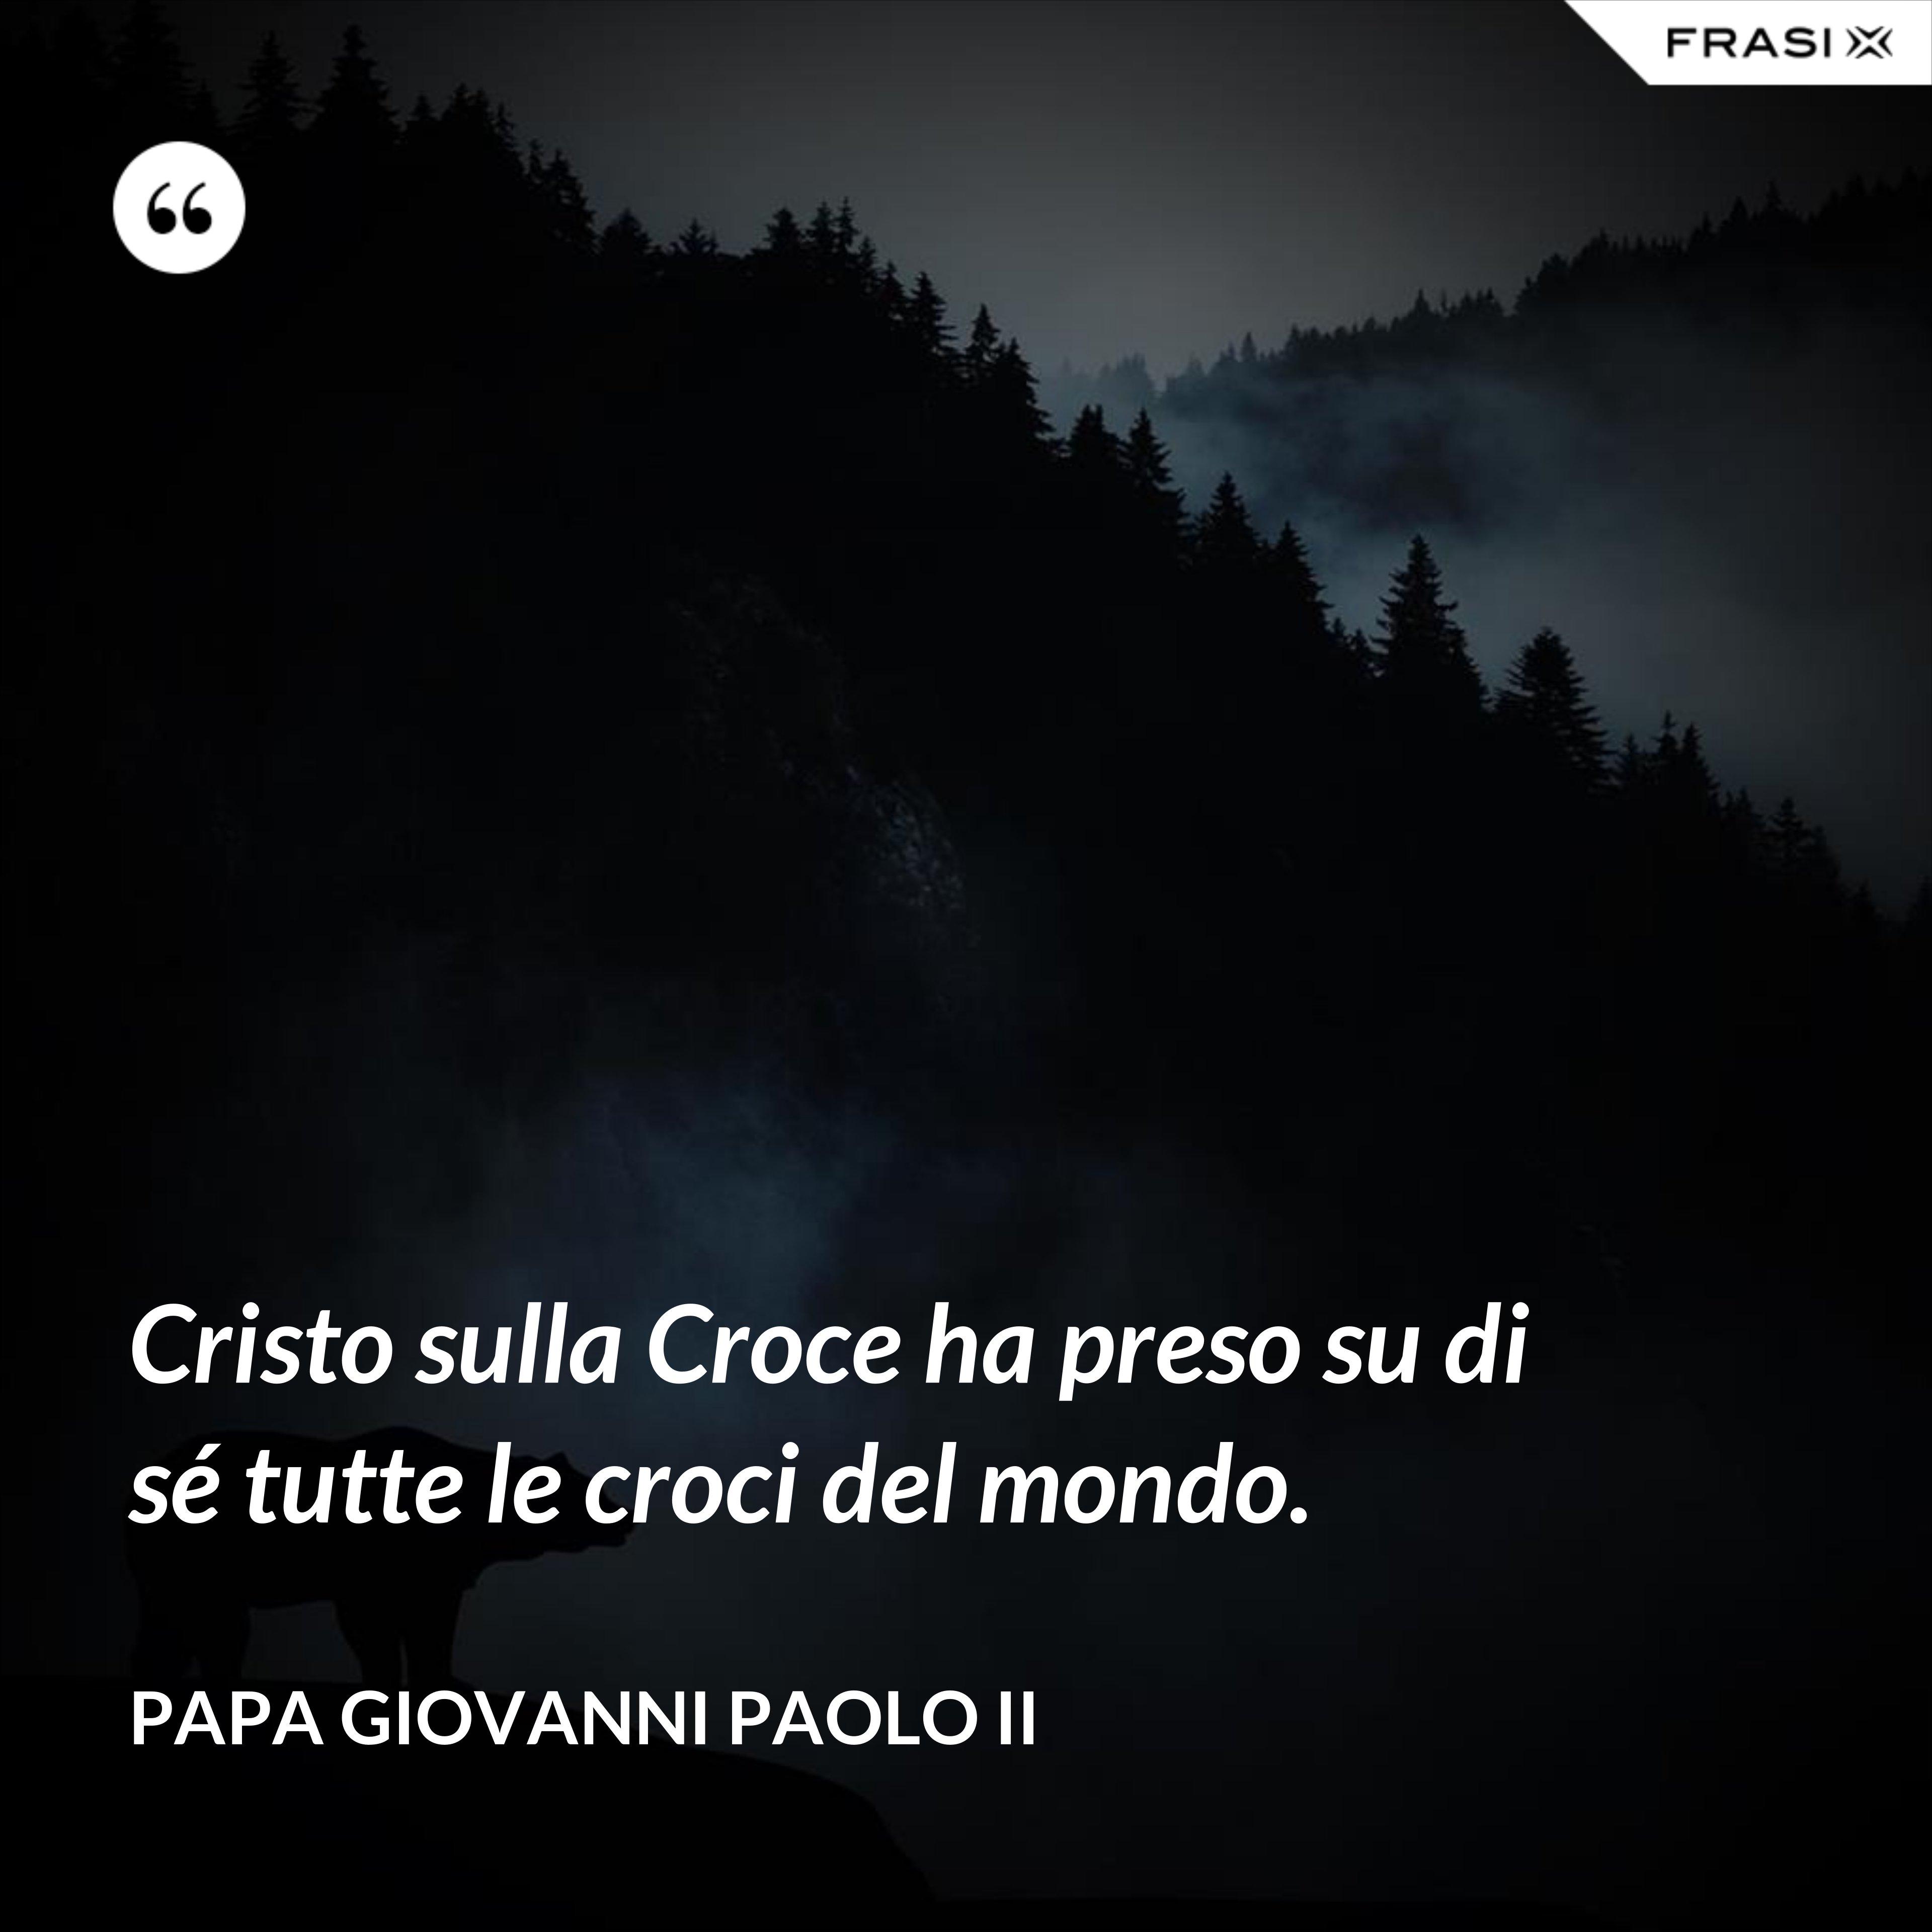 Cristo sulla Croce ha preso su di sé tutte le croci del mondo. - Papa Giovanni Paolo II